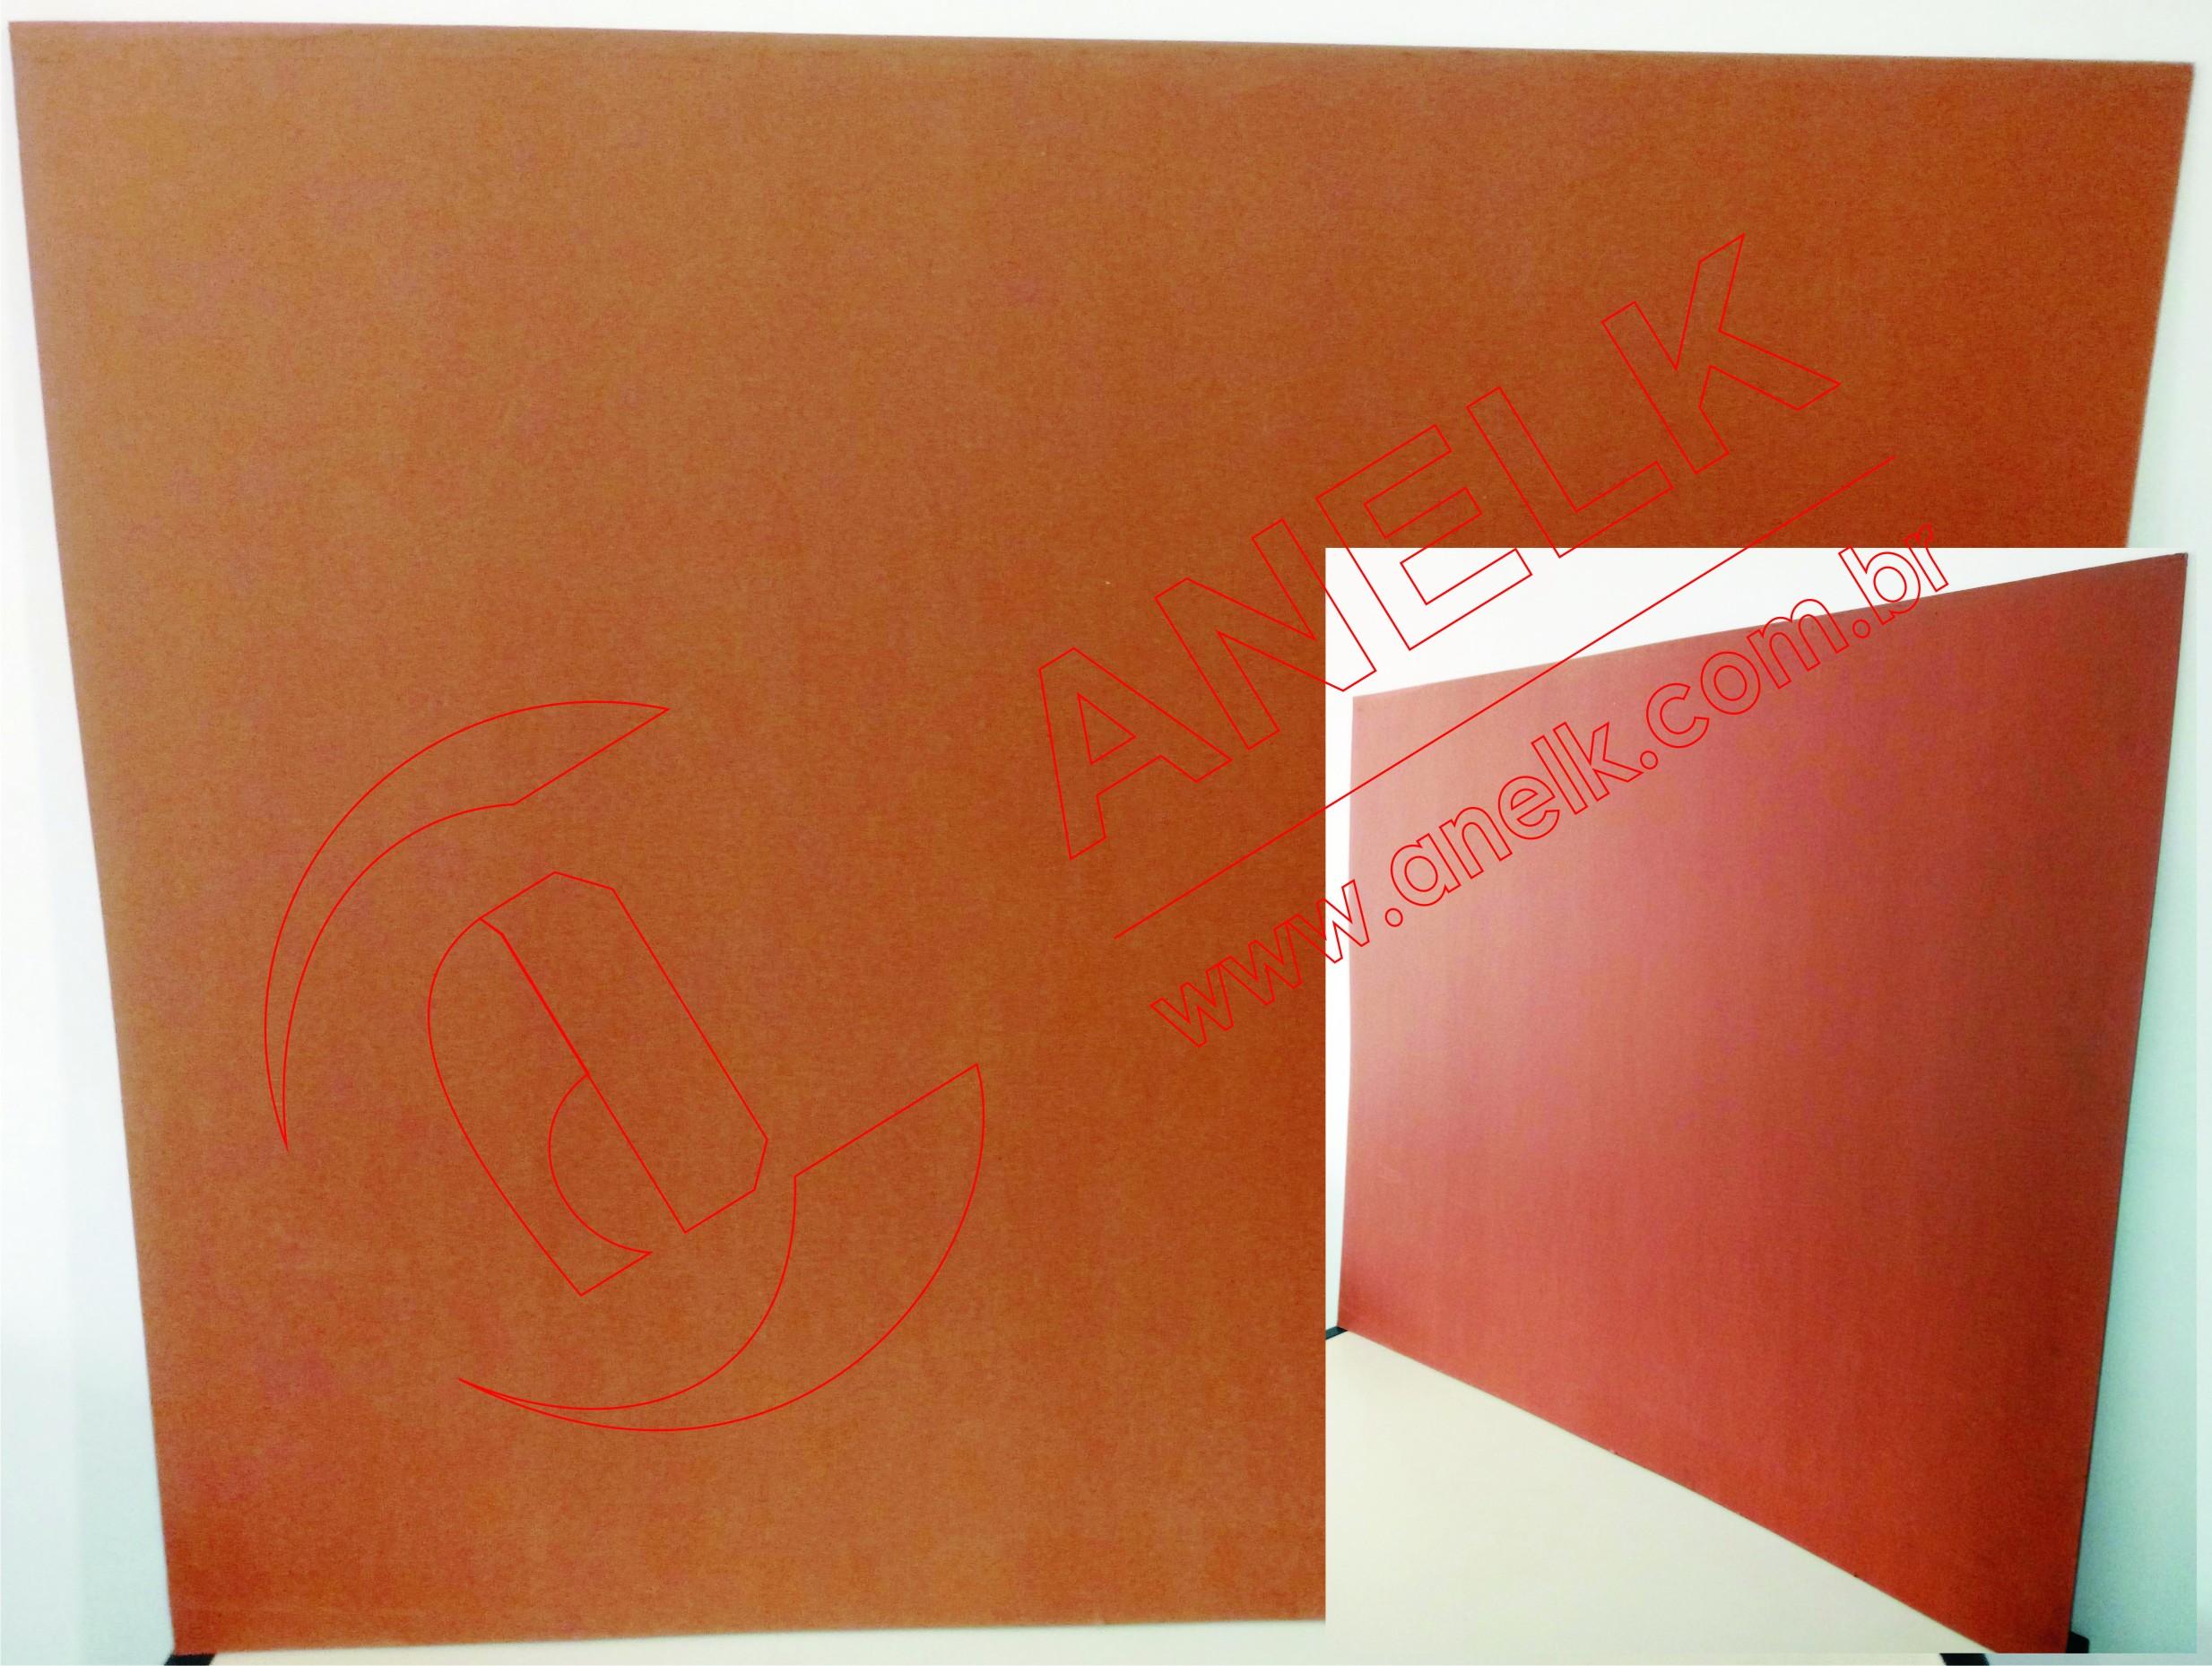 Fibra industrial vermelha